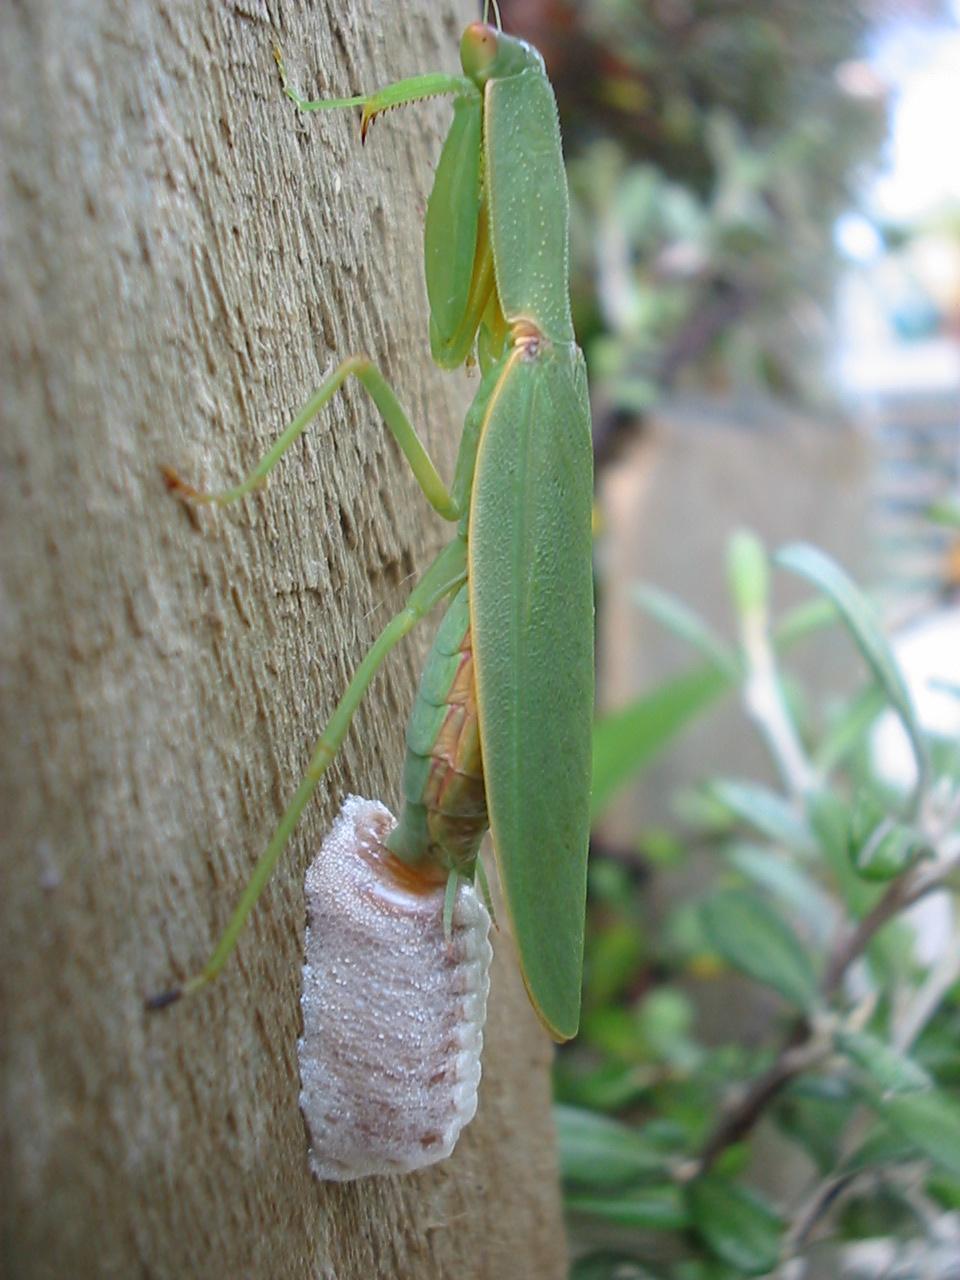 File:New_Zealand_Mantis_(Orthodera_novaezealandiae)_laying_eggs on Grasshopper Life Cycle